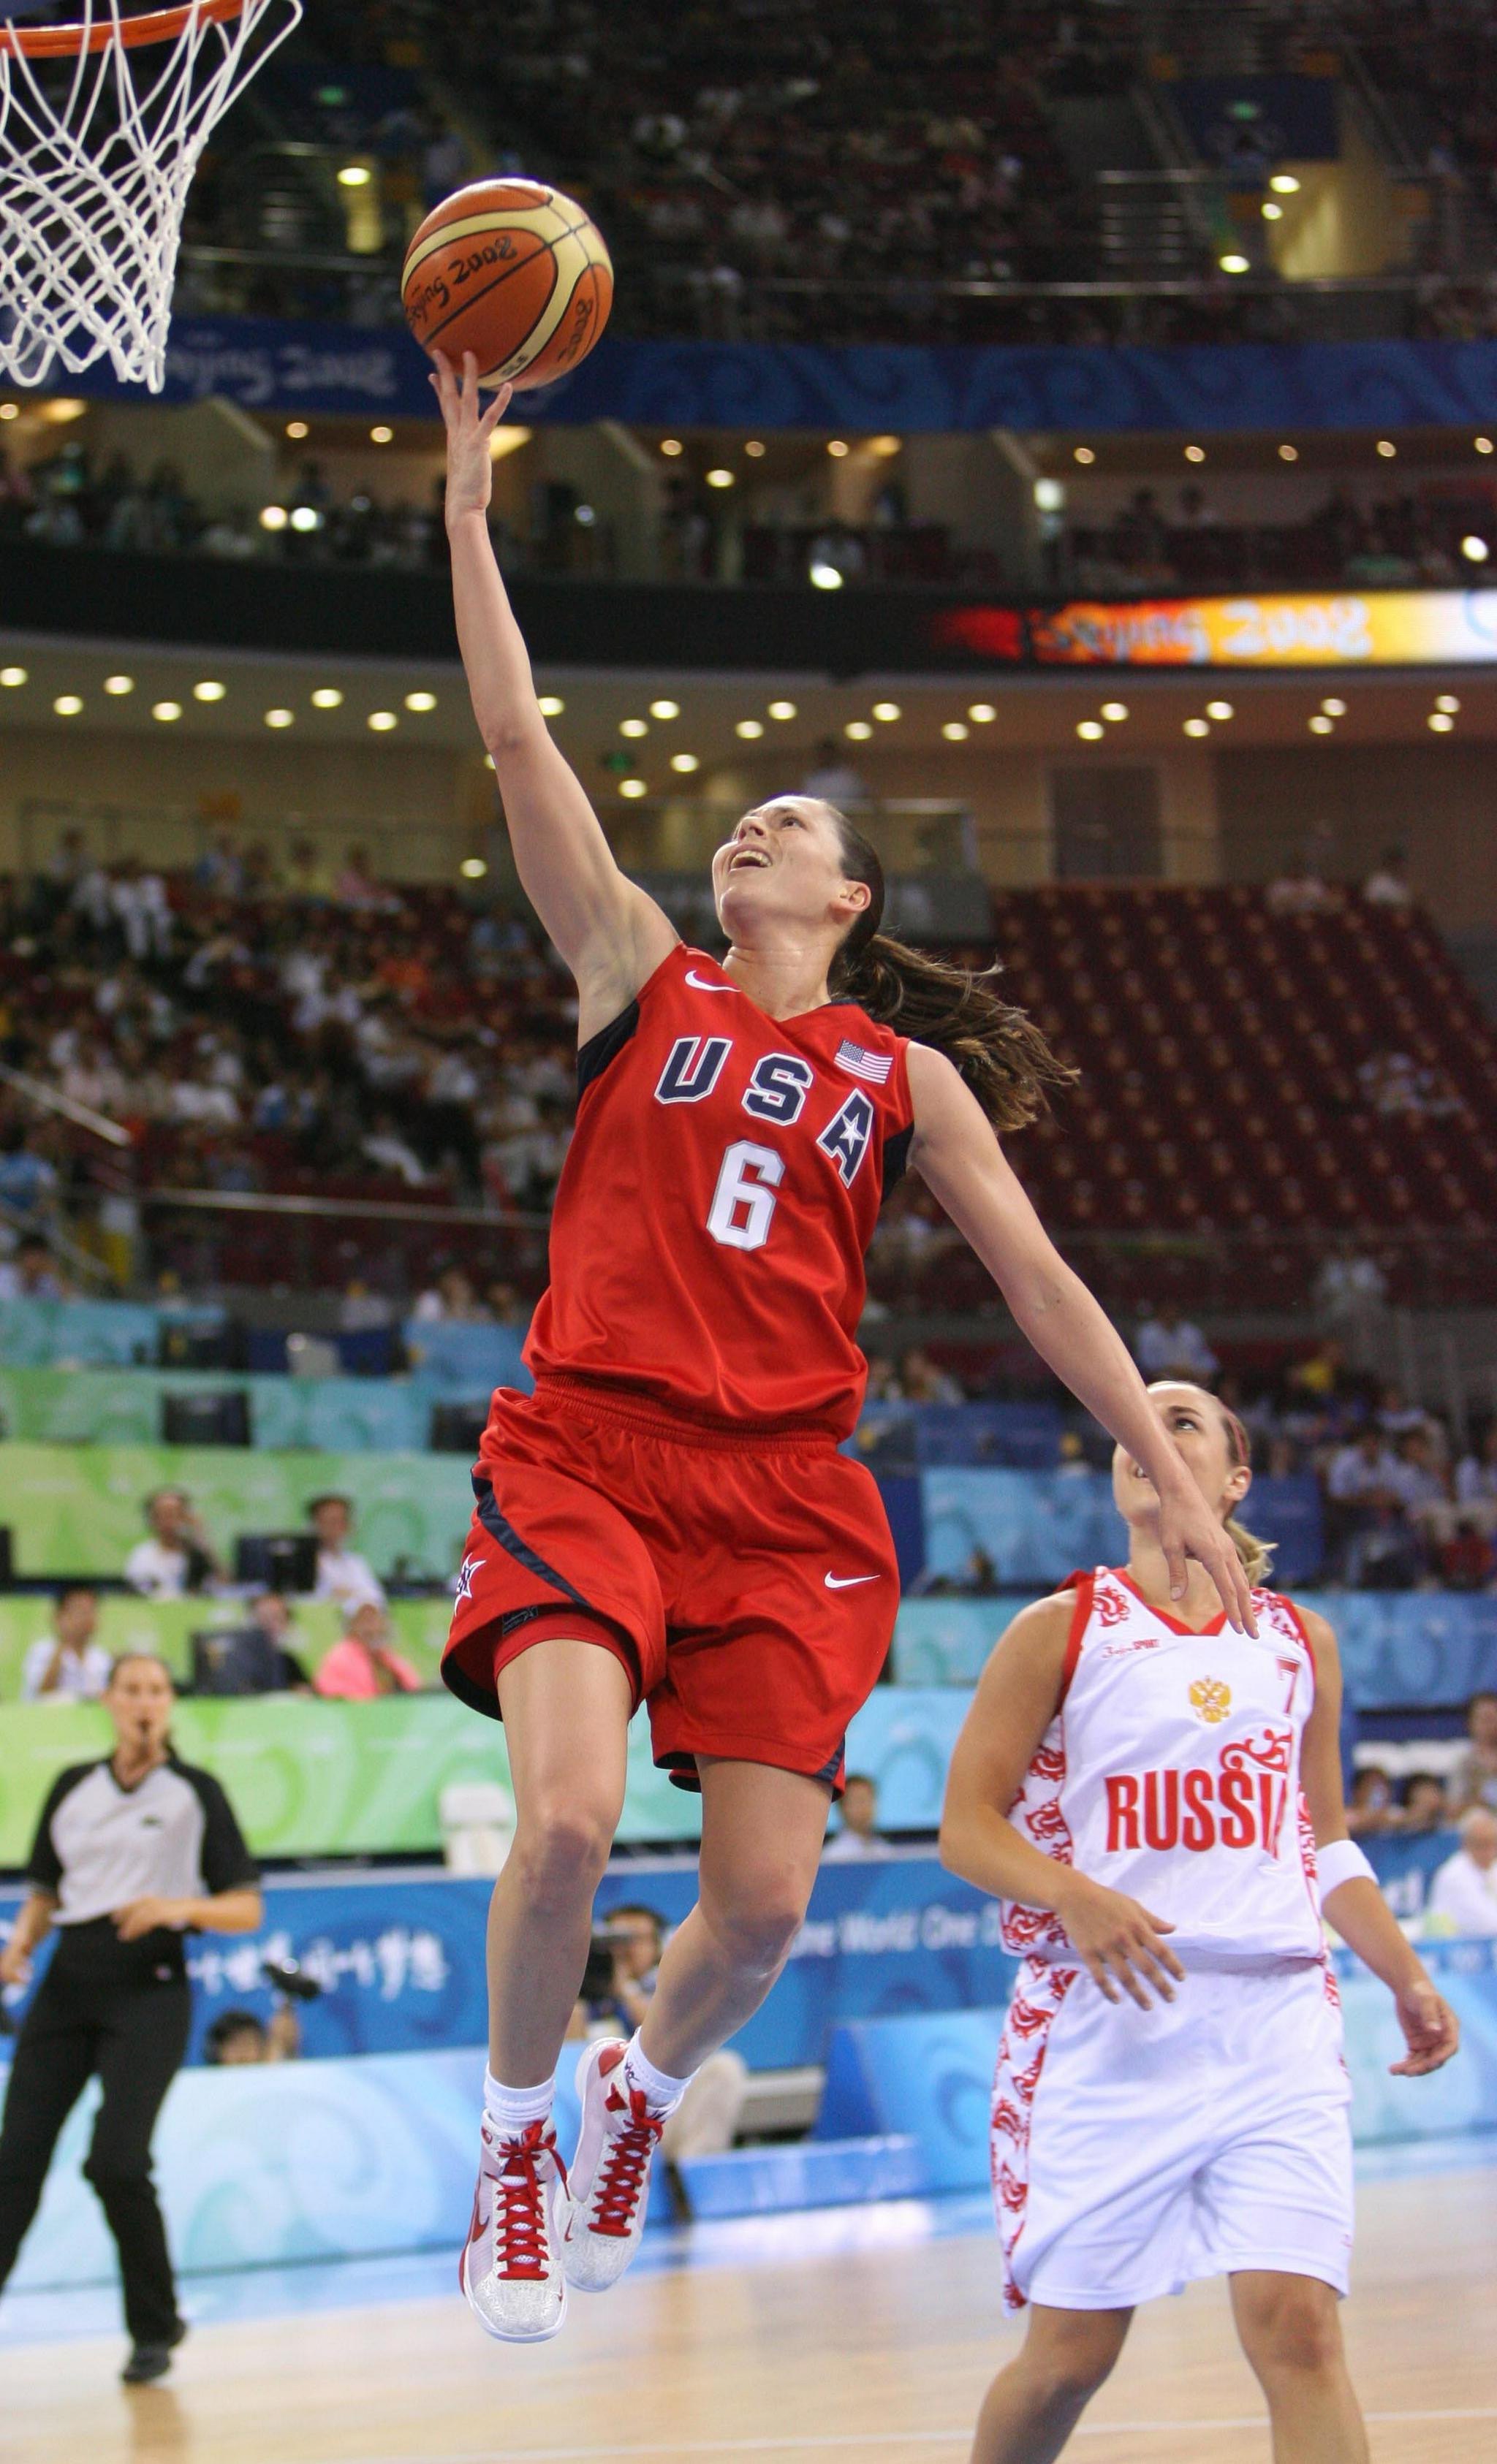 东京奥运会|五届元老苏·伯德成为美国队旗手